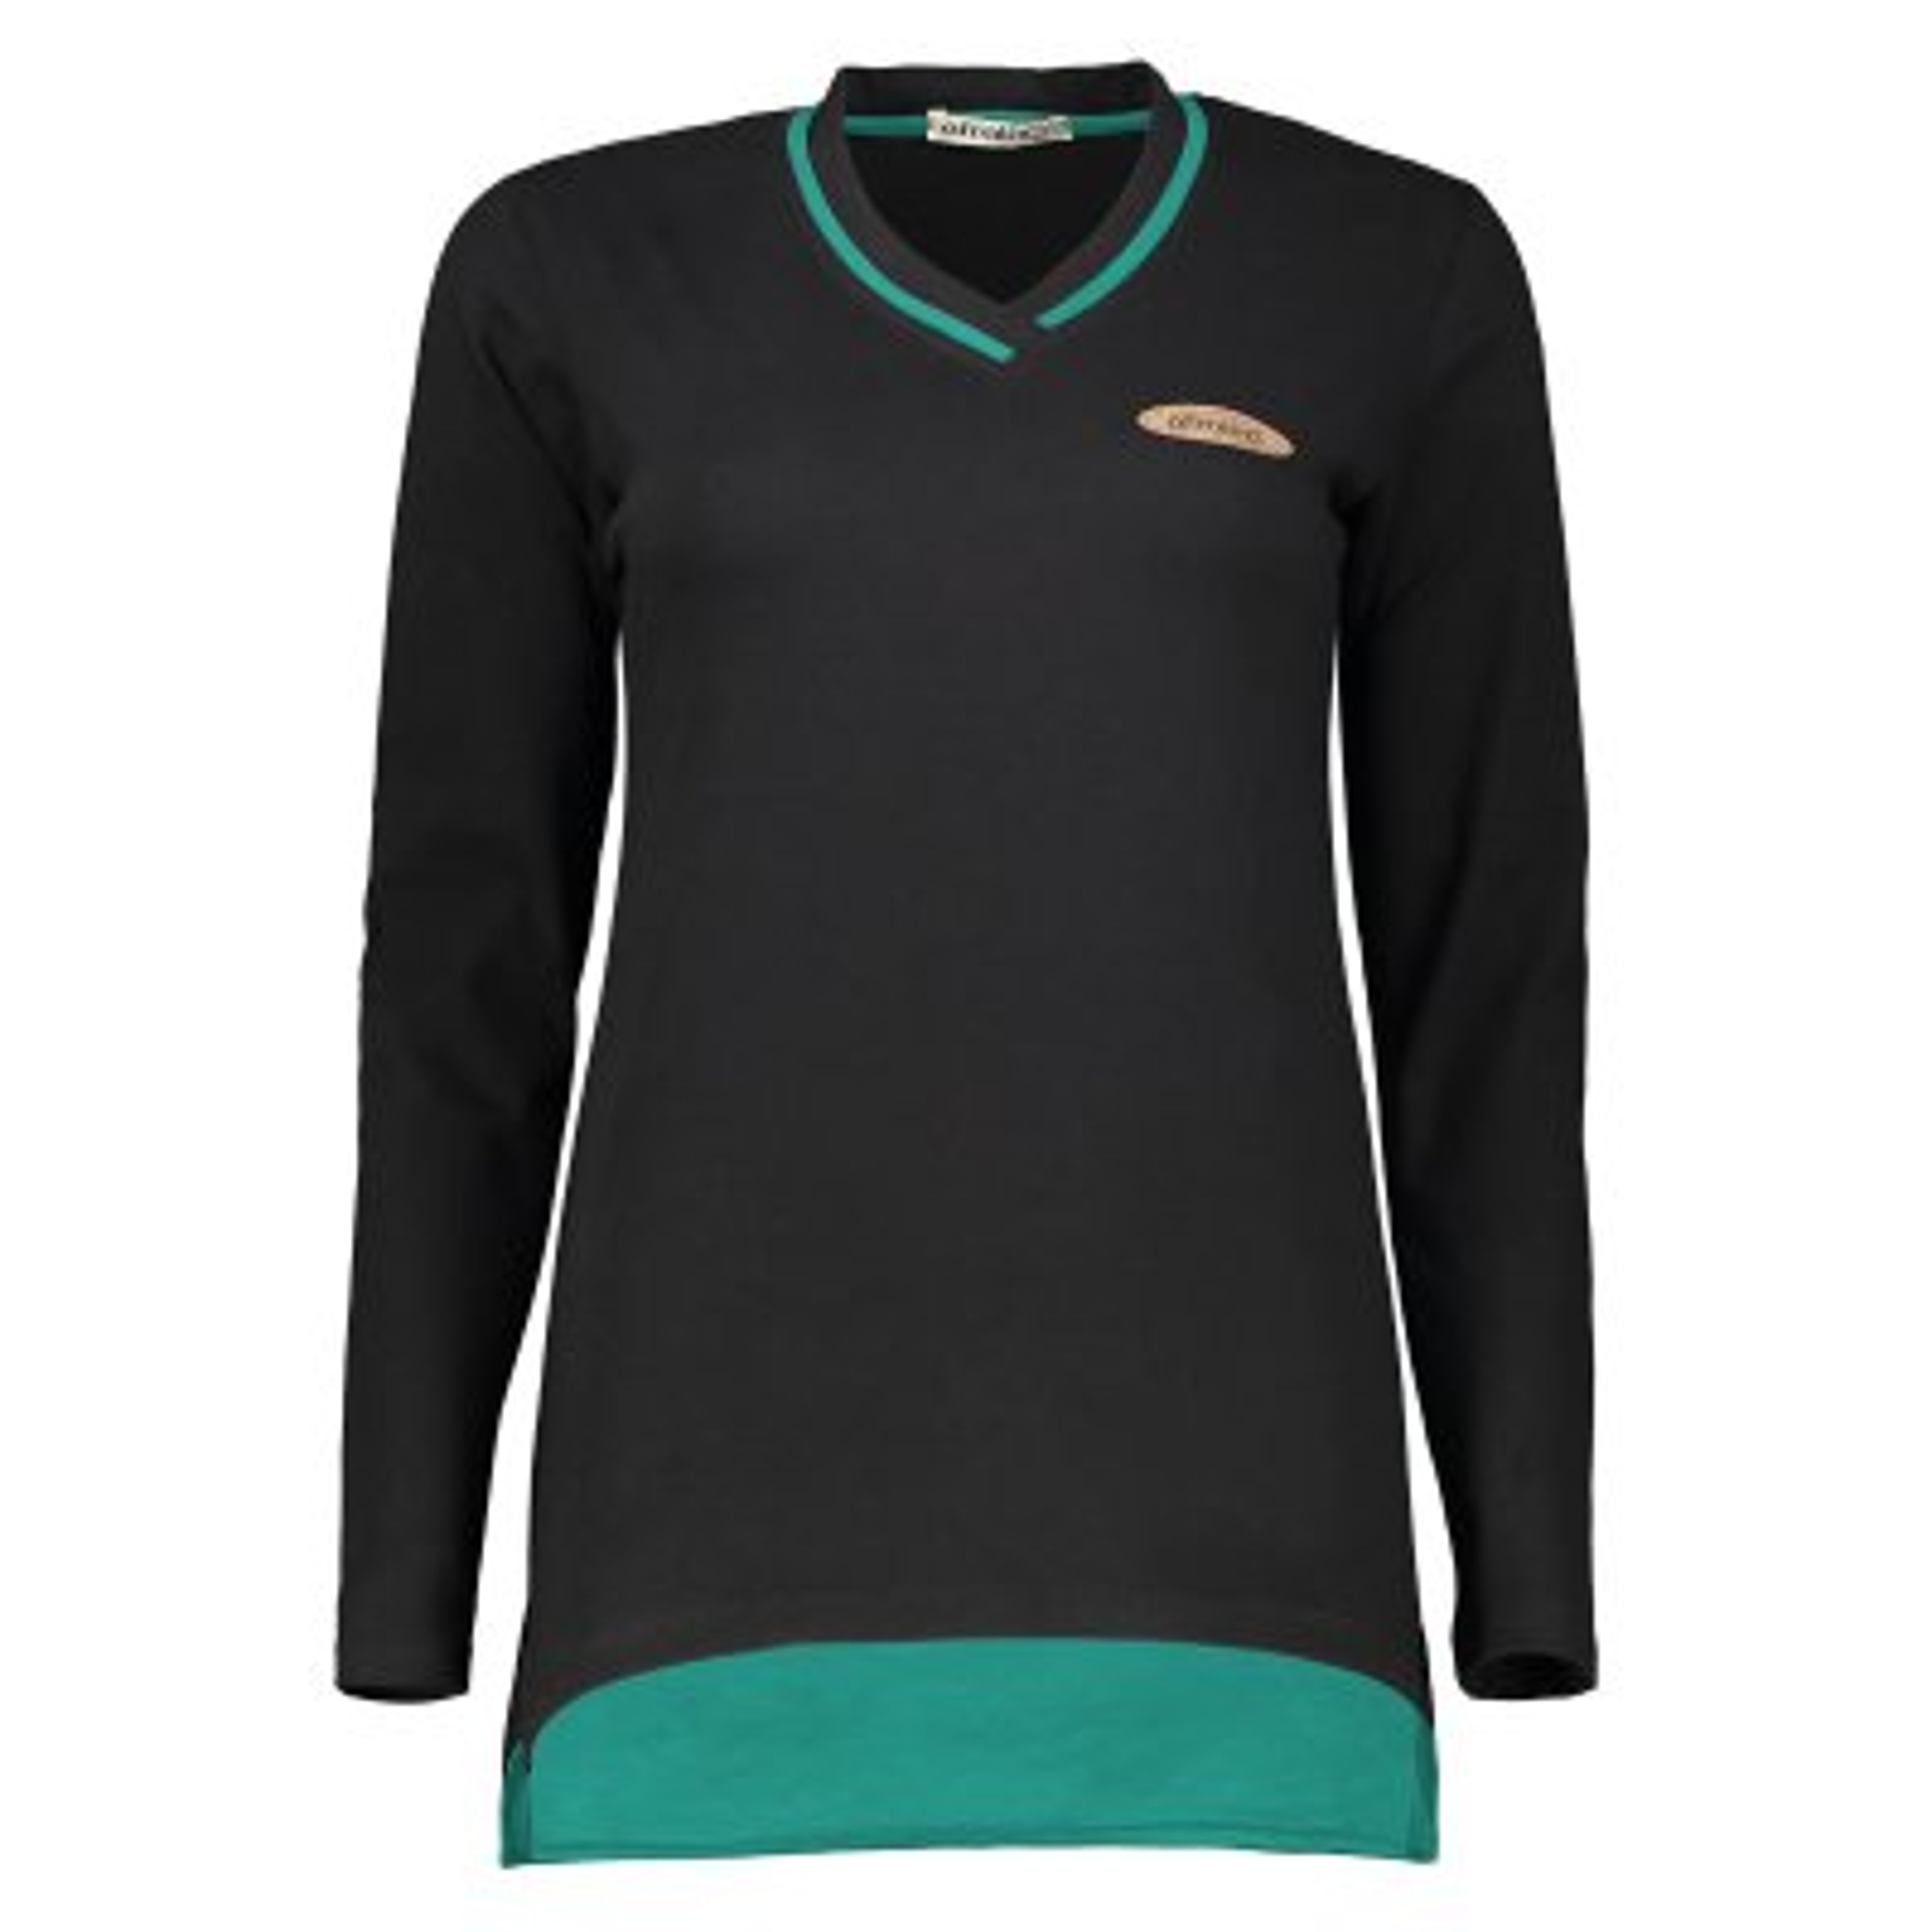 تصویر تی شرت زنانه افراتین کد 7077A